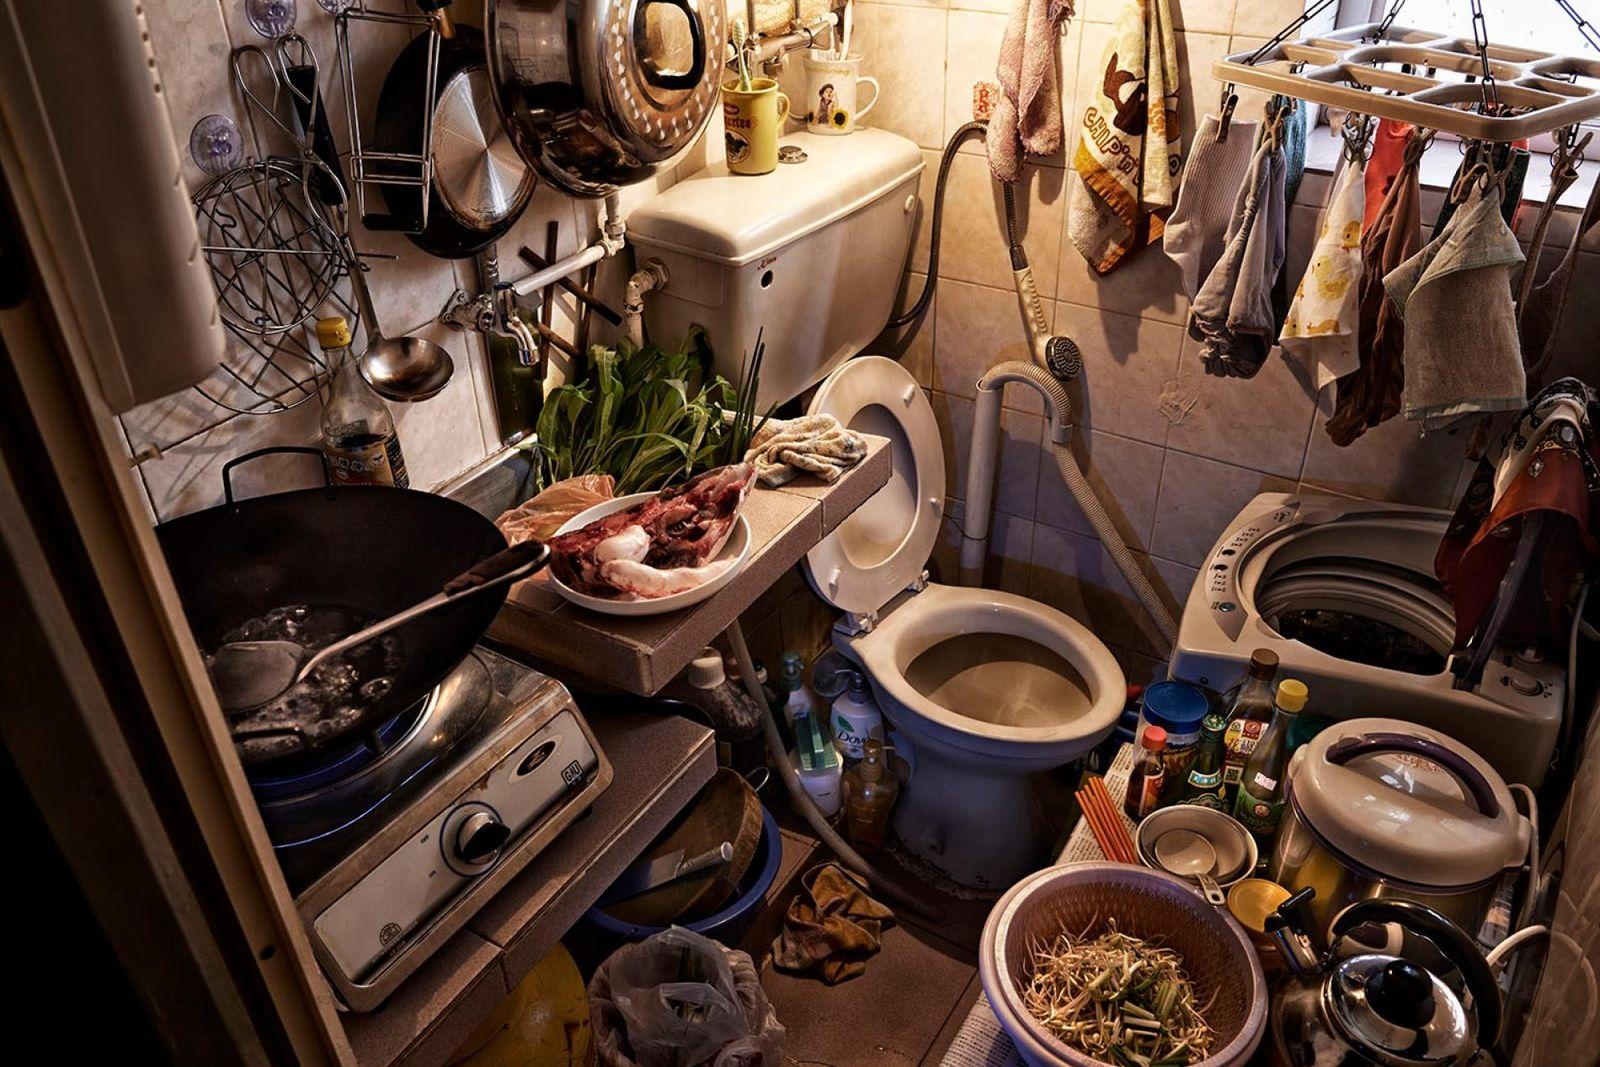 Une pièce réunissant toilettes et cuisine dans une maison-cage.